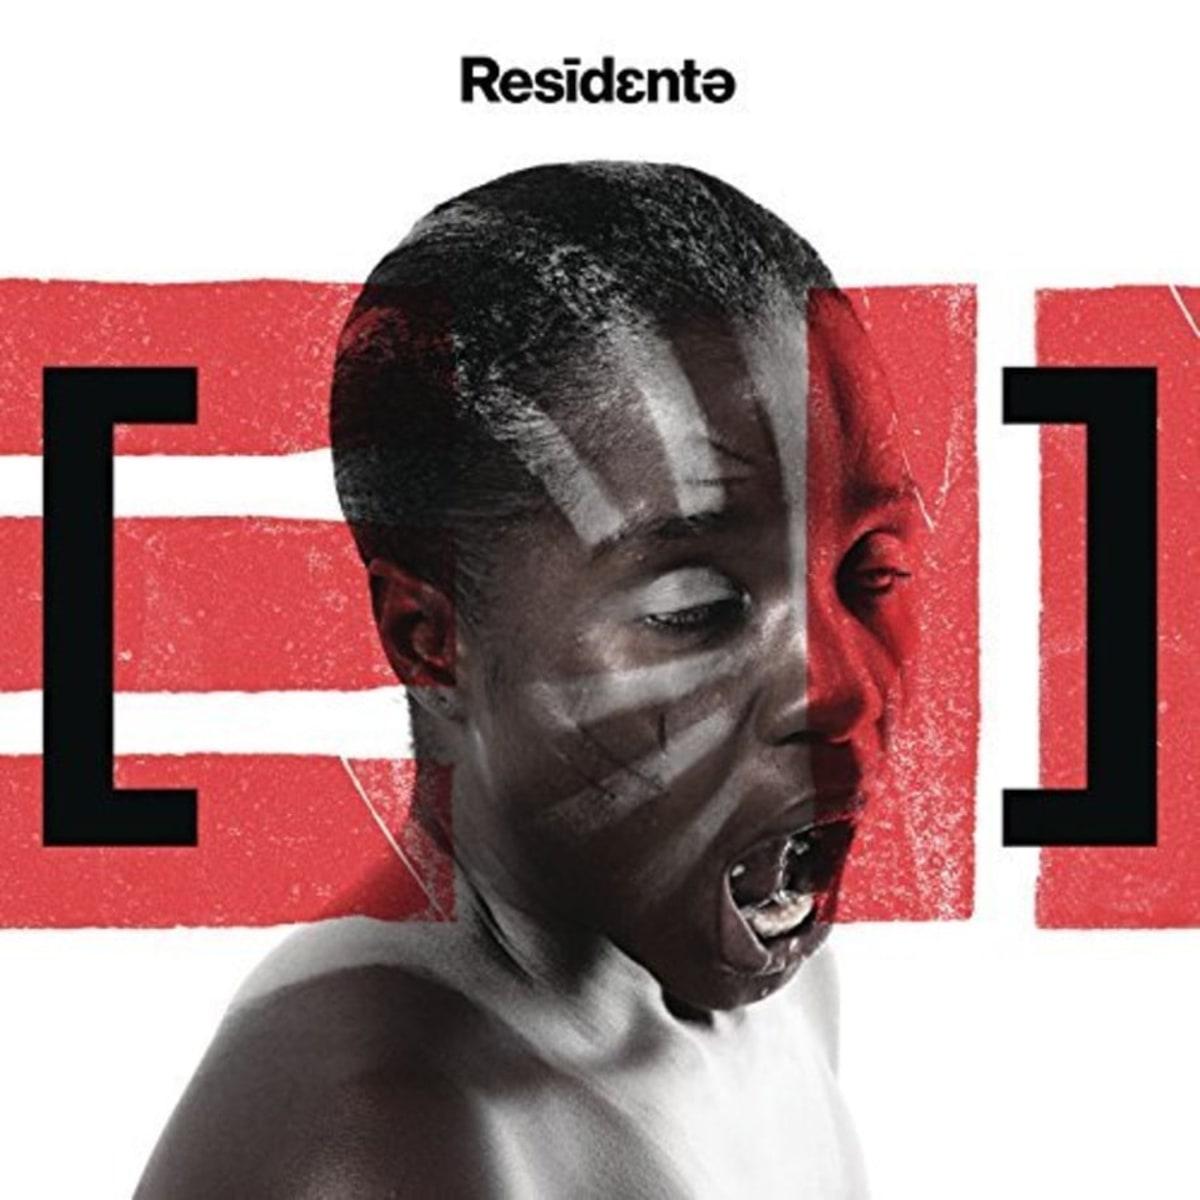 38-Residente-Residente.jpg